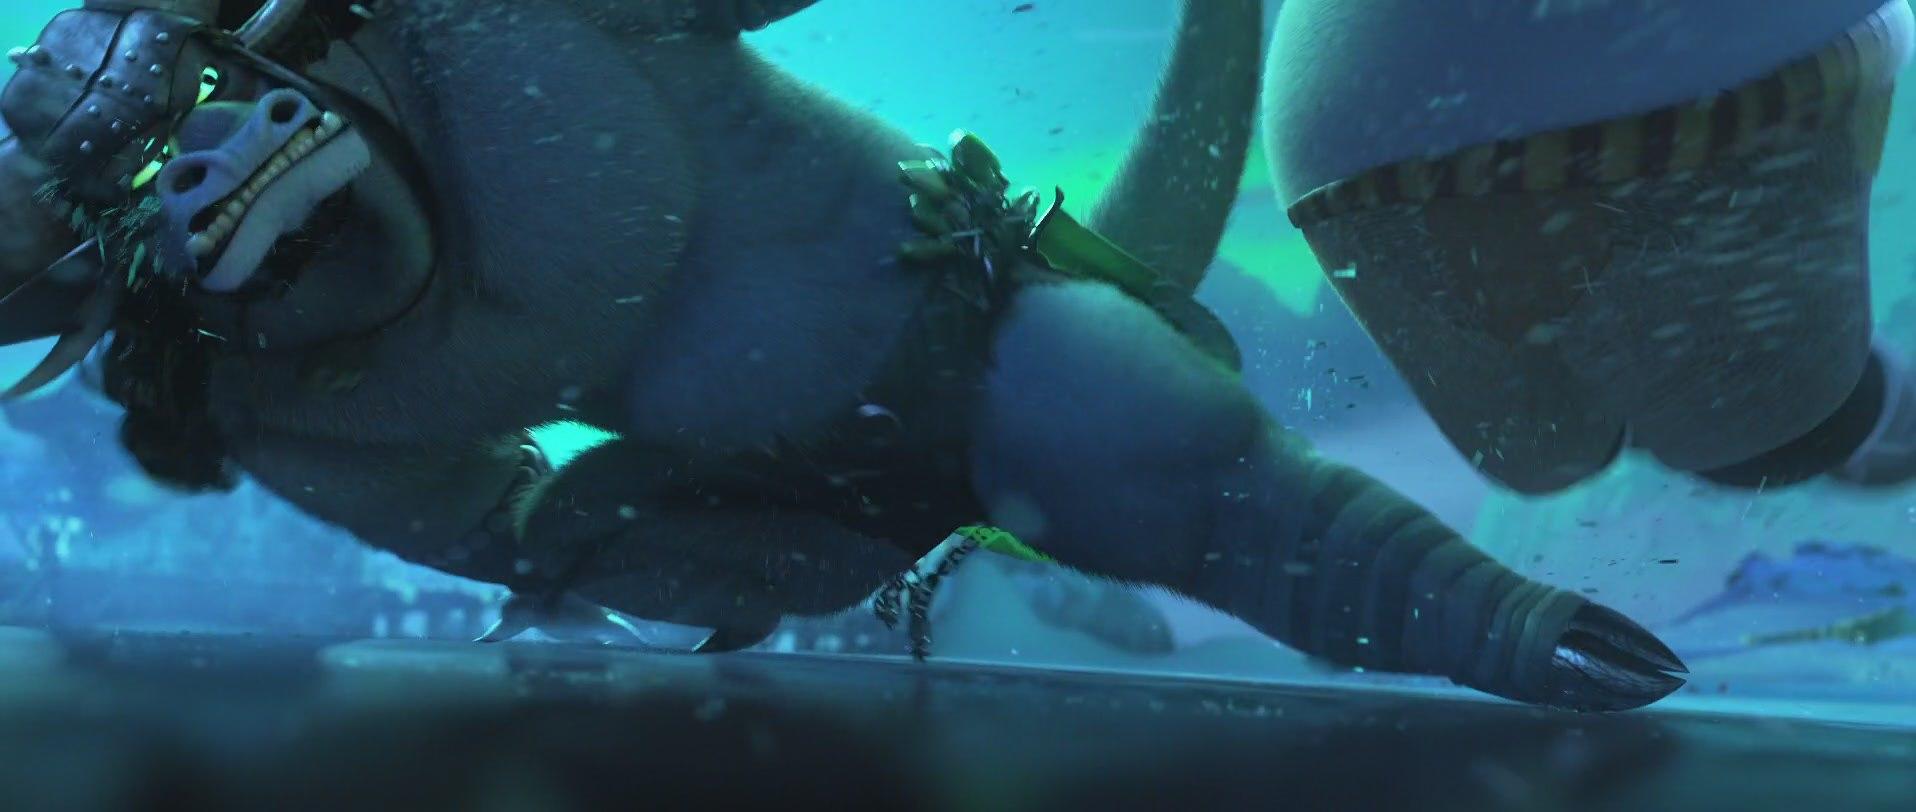 бык из мультфильма кунг-фу панда 3